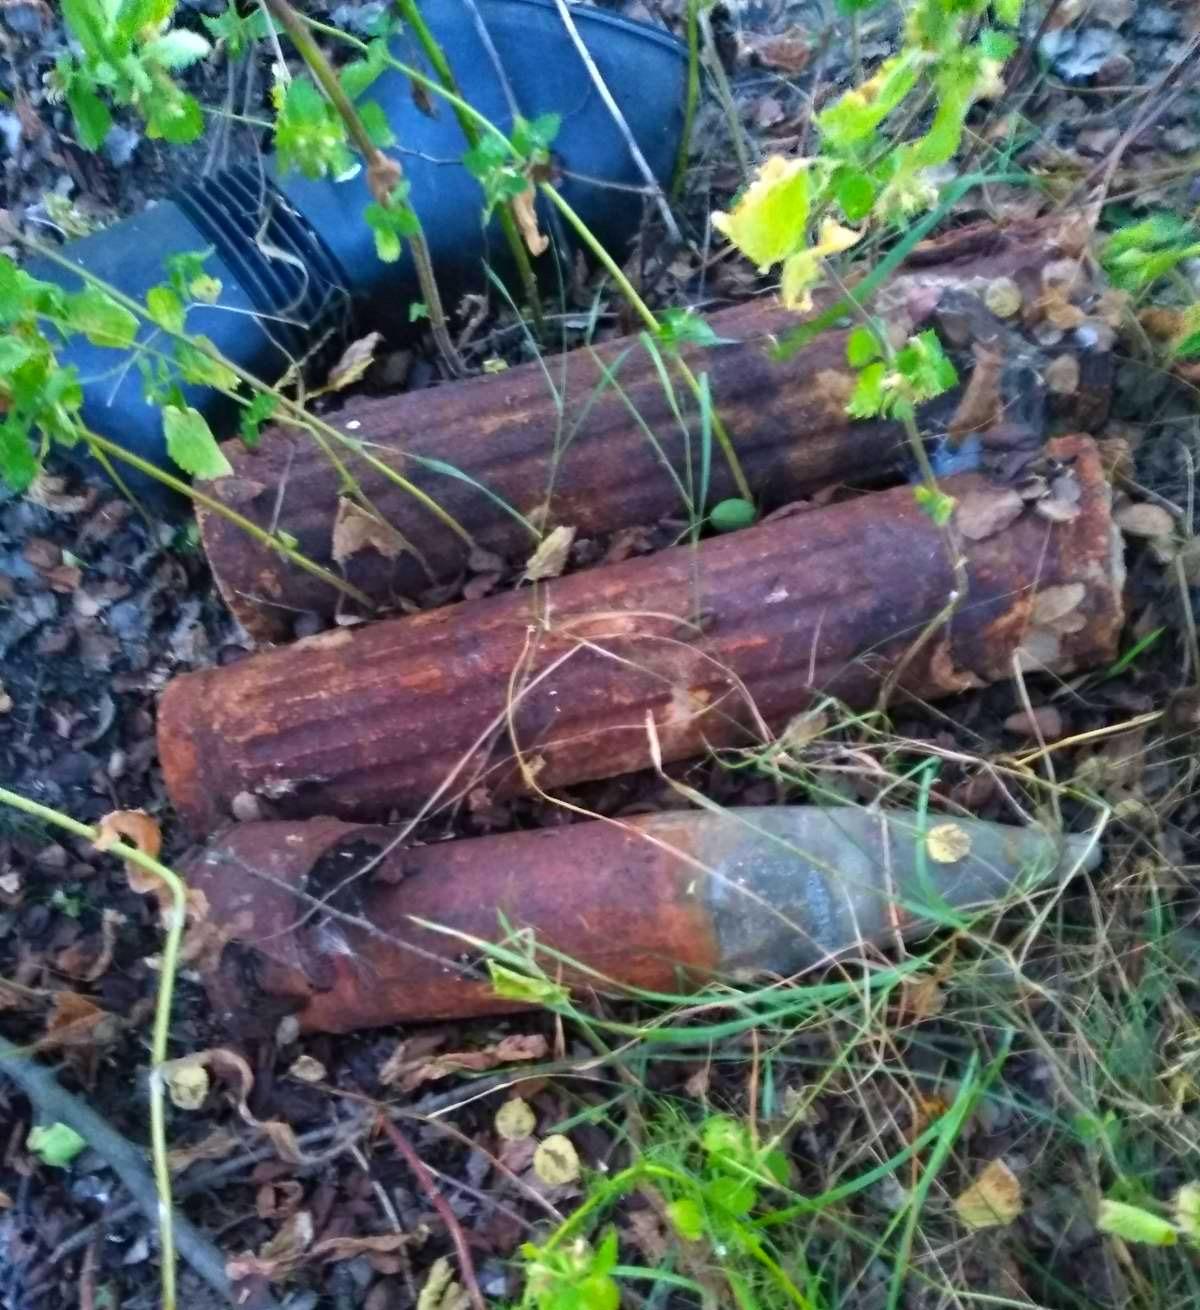 Неподалік від залізничних колій на Київщині знайшли артилерійський снаряд -  - 01 2